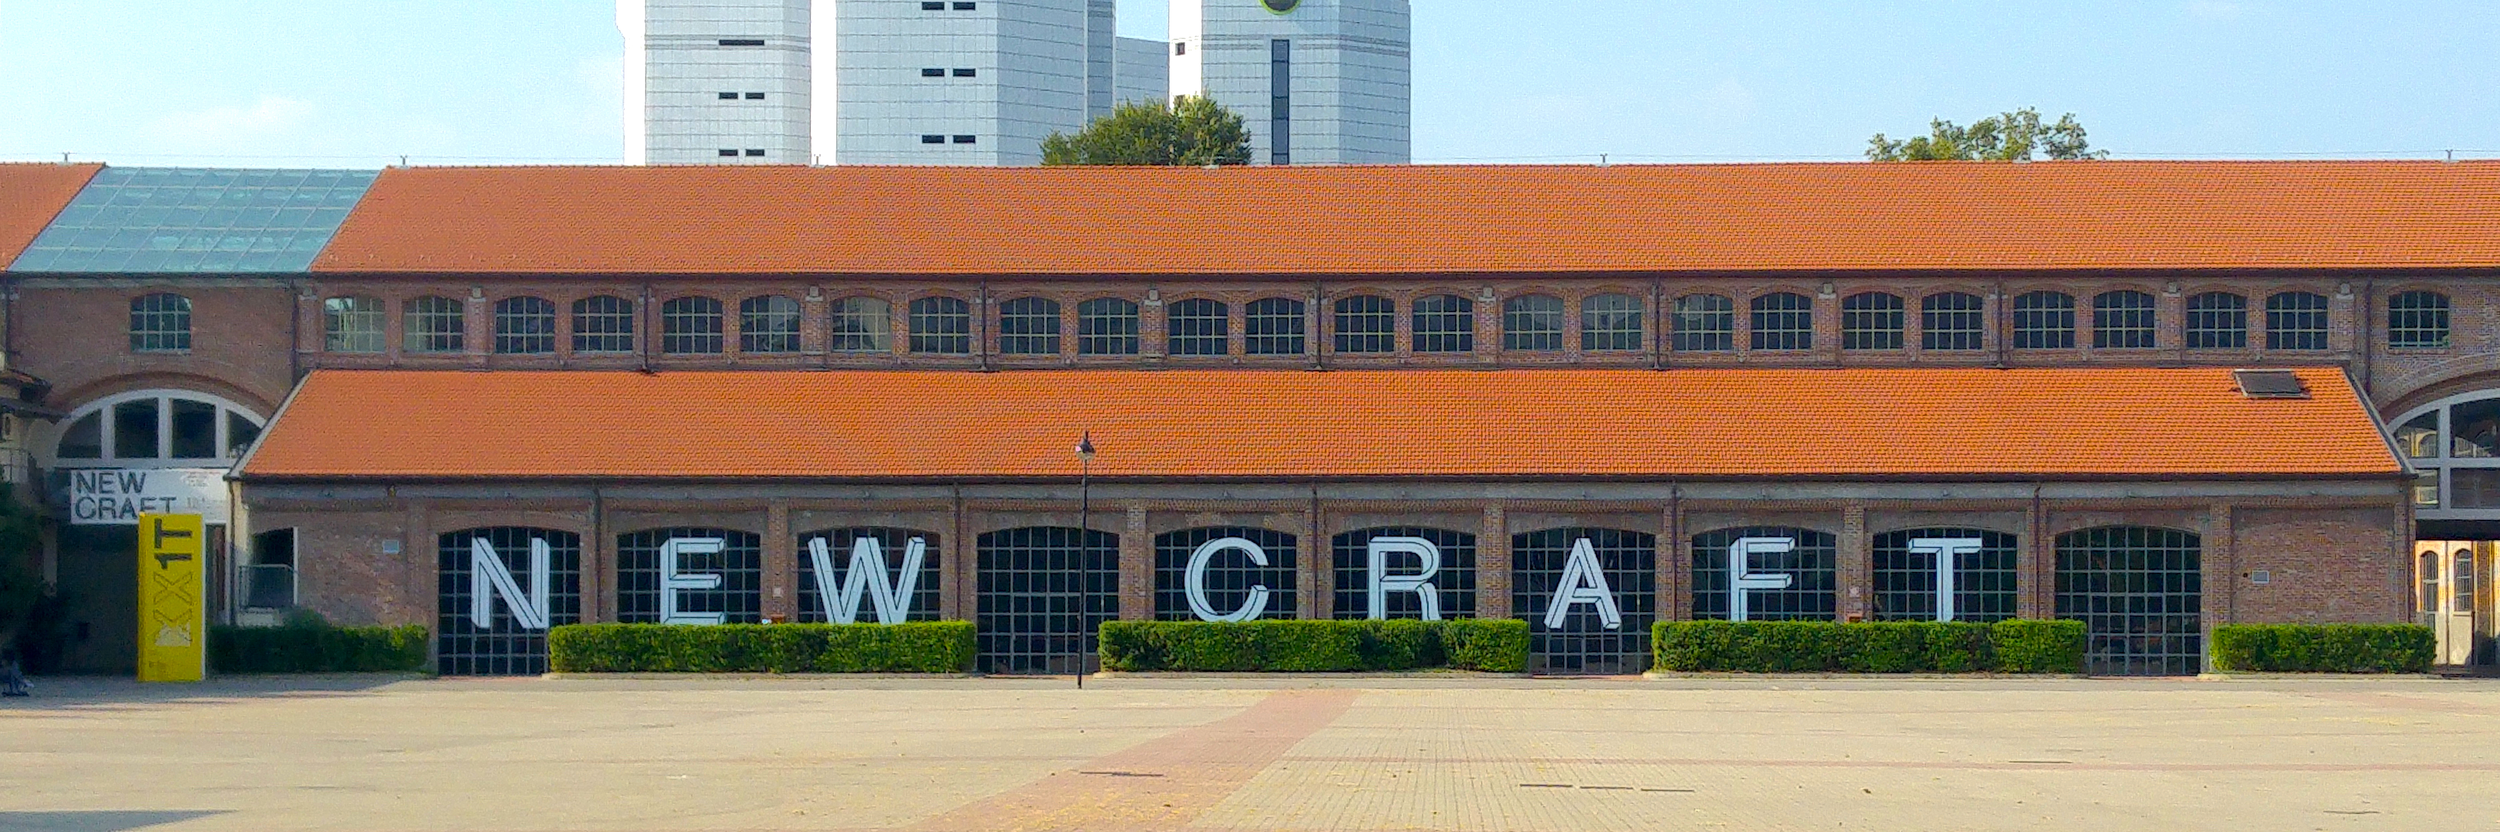 'New Craft' Exhibition Building, Triennale di Milano, 2016